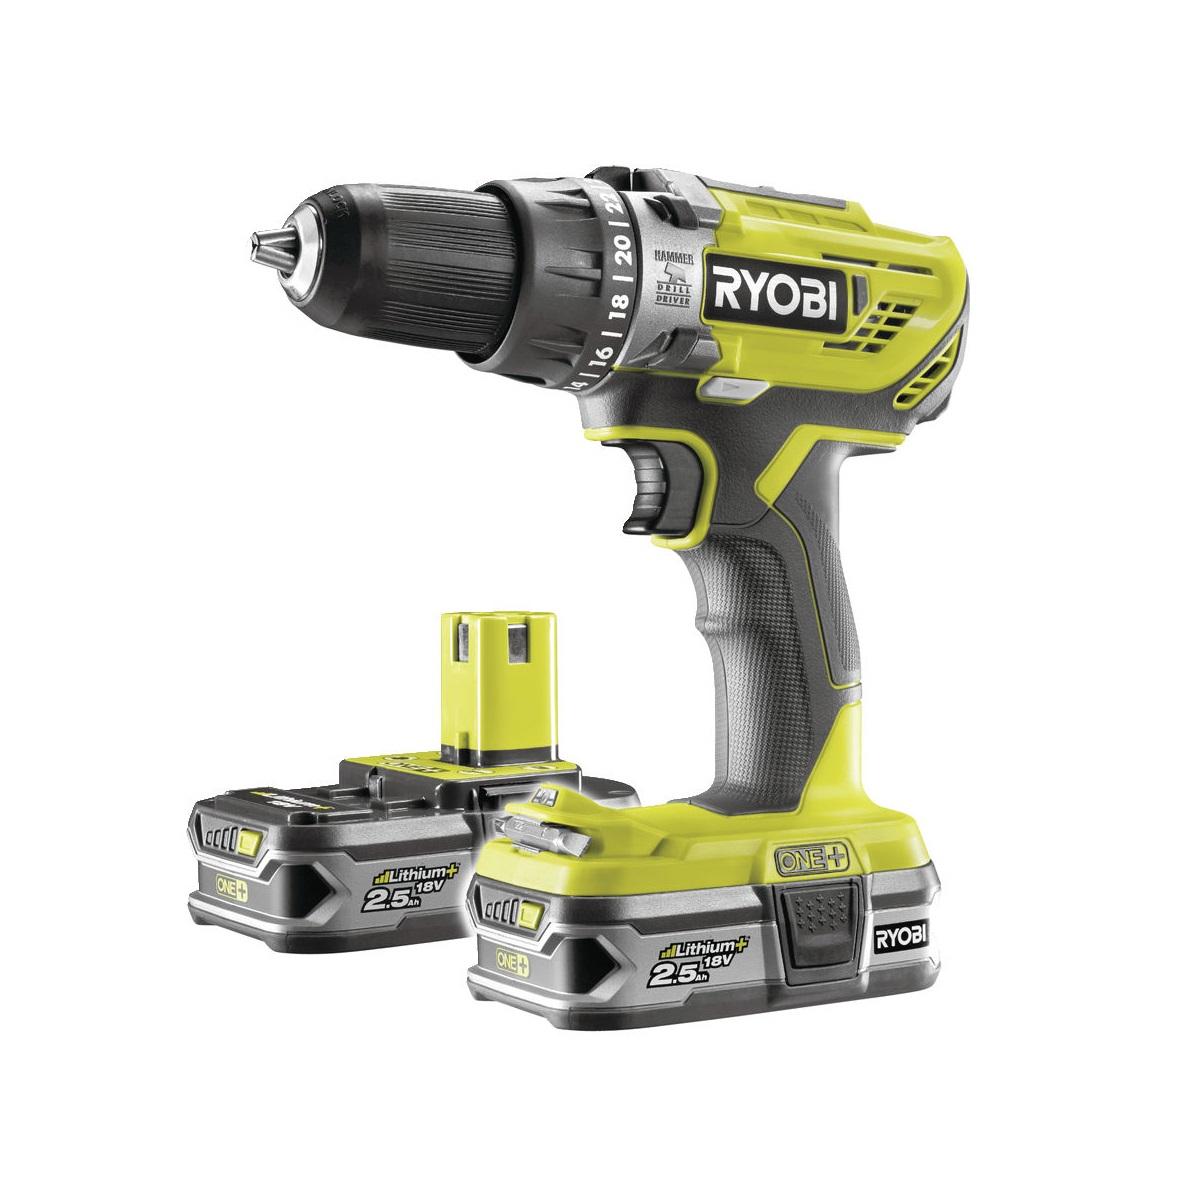 Ryobi R18PD3-225S, aku 18 V vrtačka + 2x baterie 2,5 Ah + nabíječka ONE+